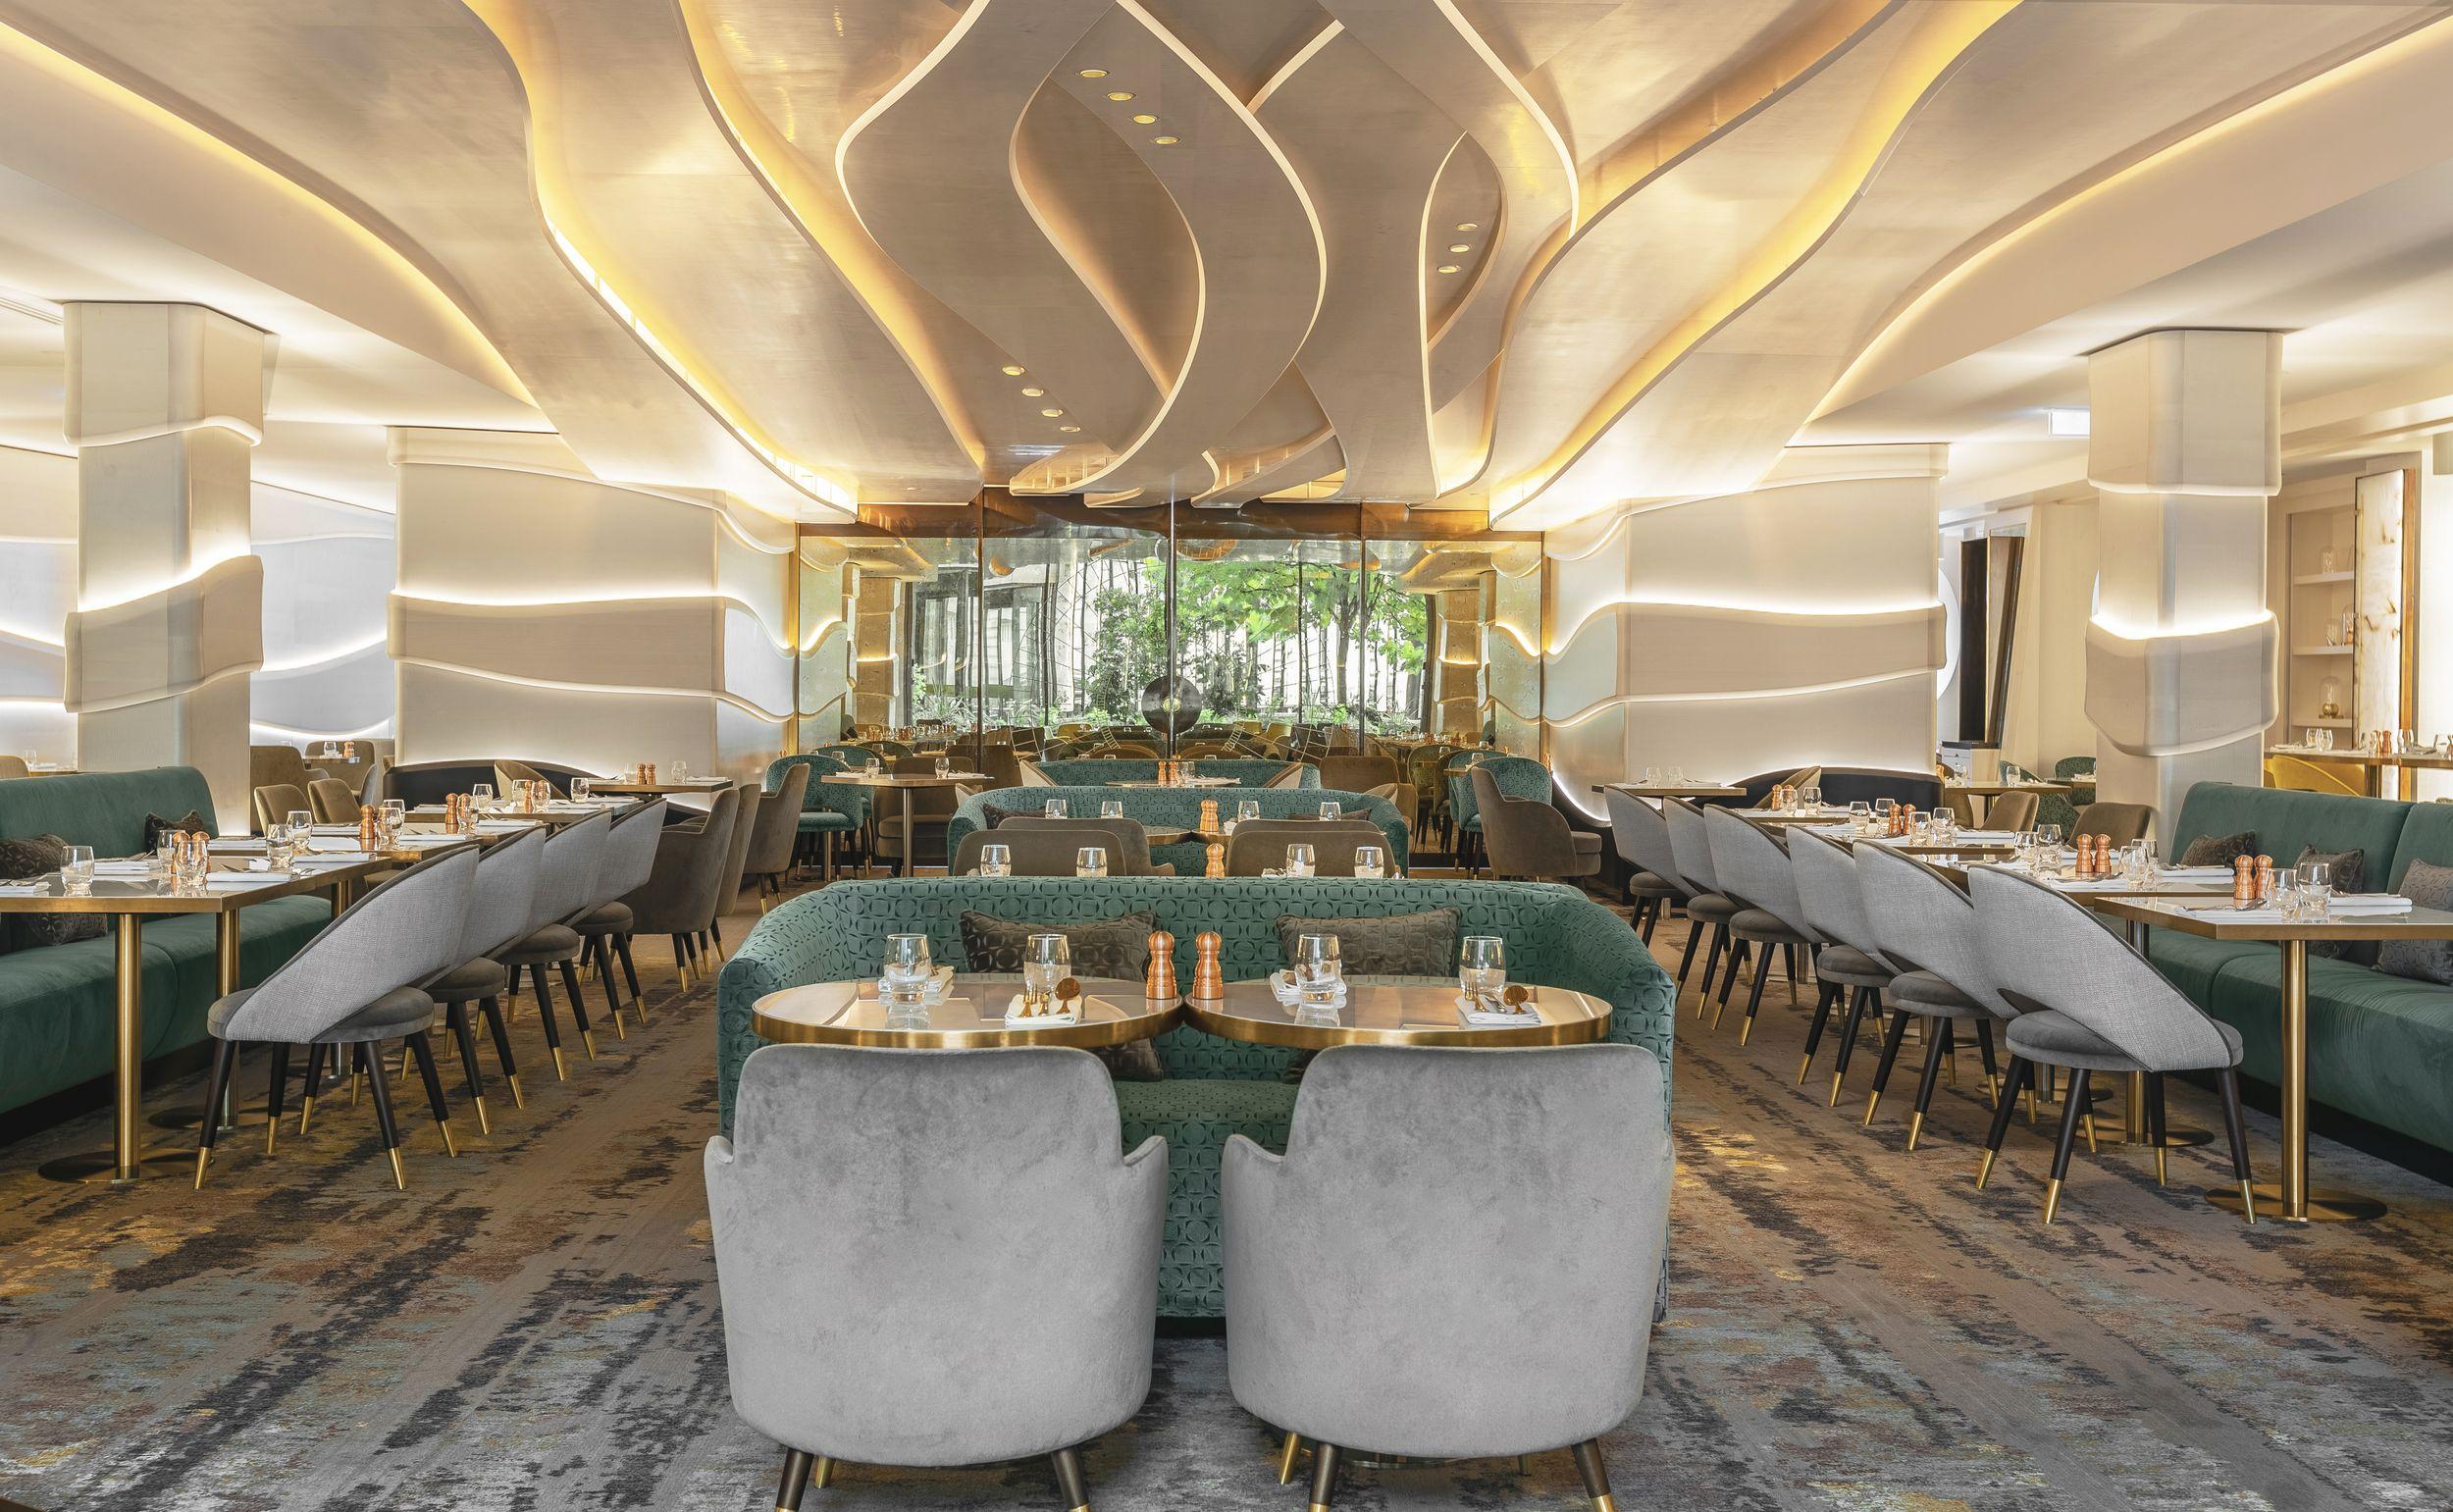 Picture bonanza: Discover this 5-star Art Deco hotel in Paris